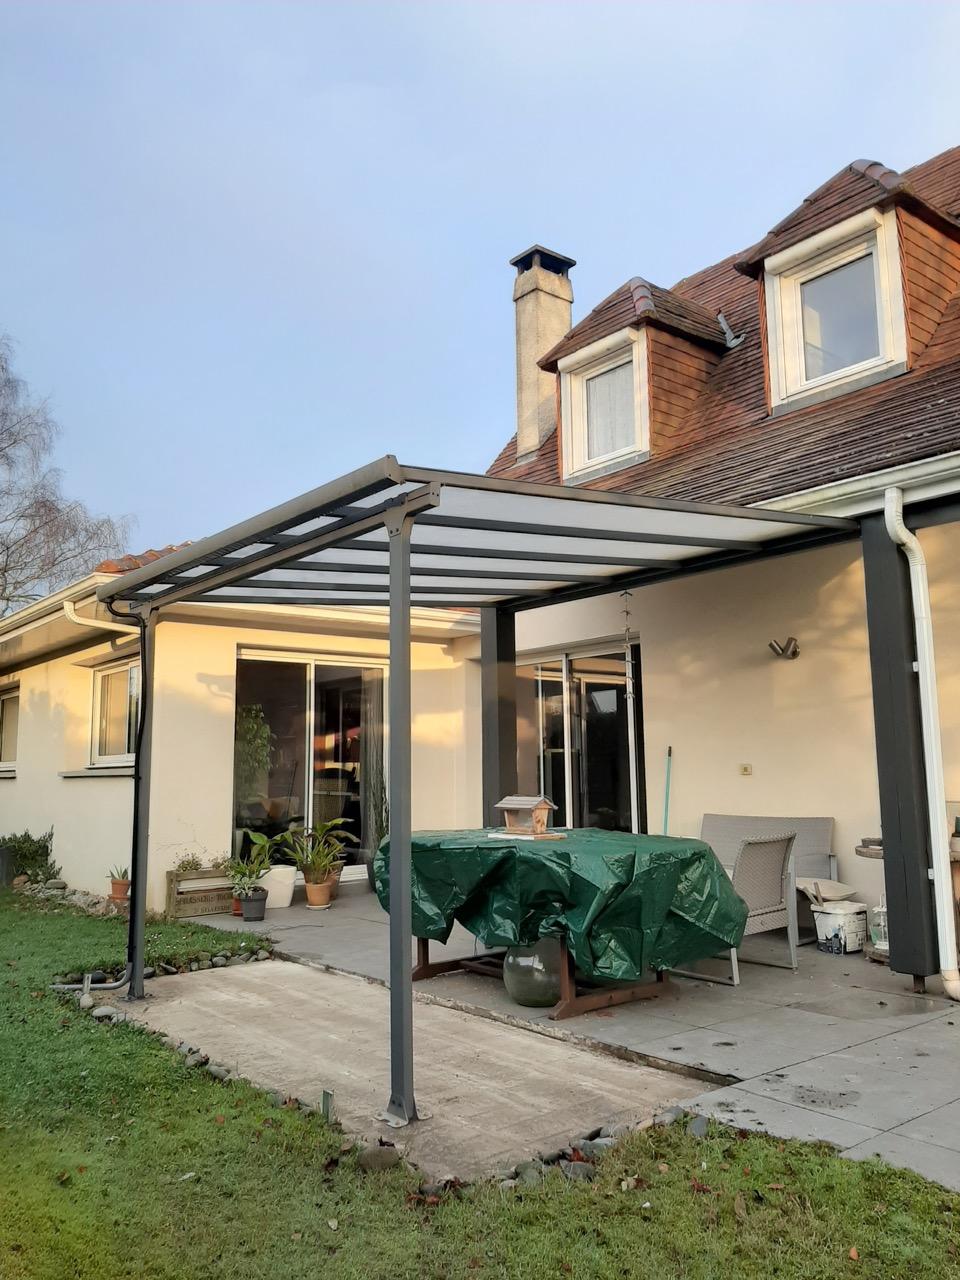 Couvrir Une Terrasse Permis De Construire un toit terrasse métallique : le choix d'un kit pas cher en